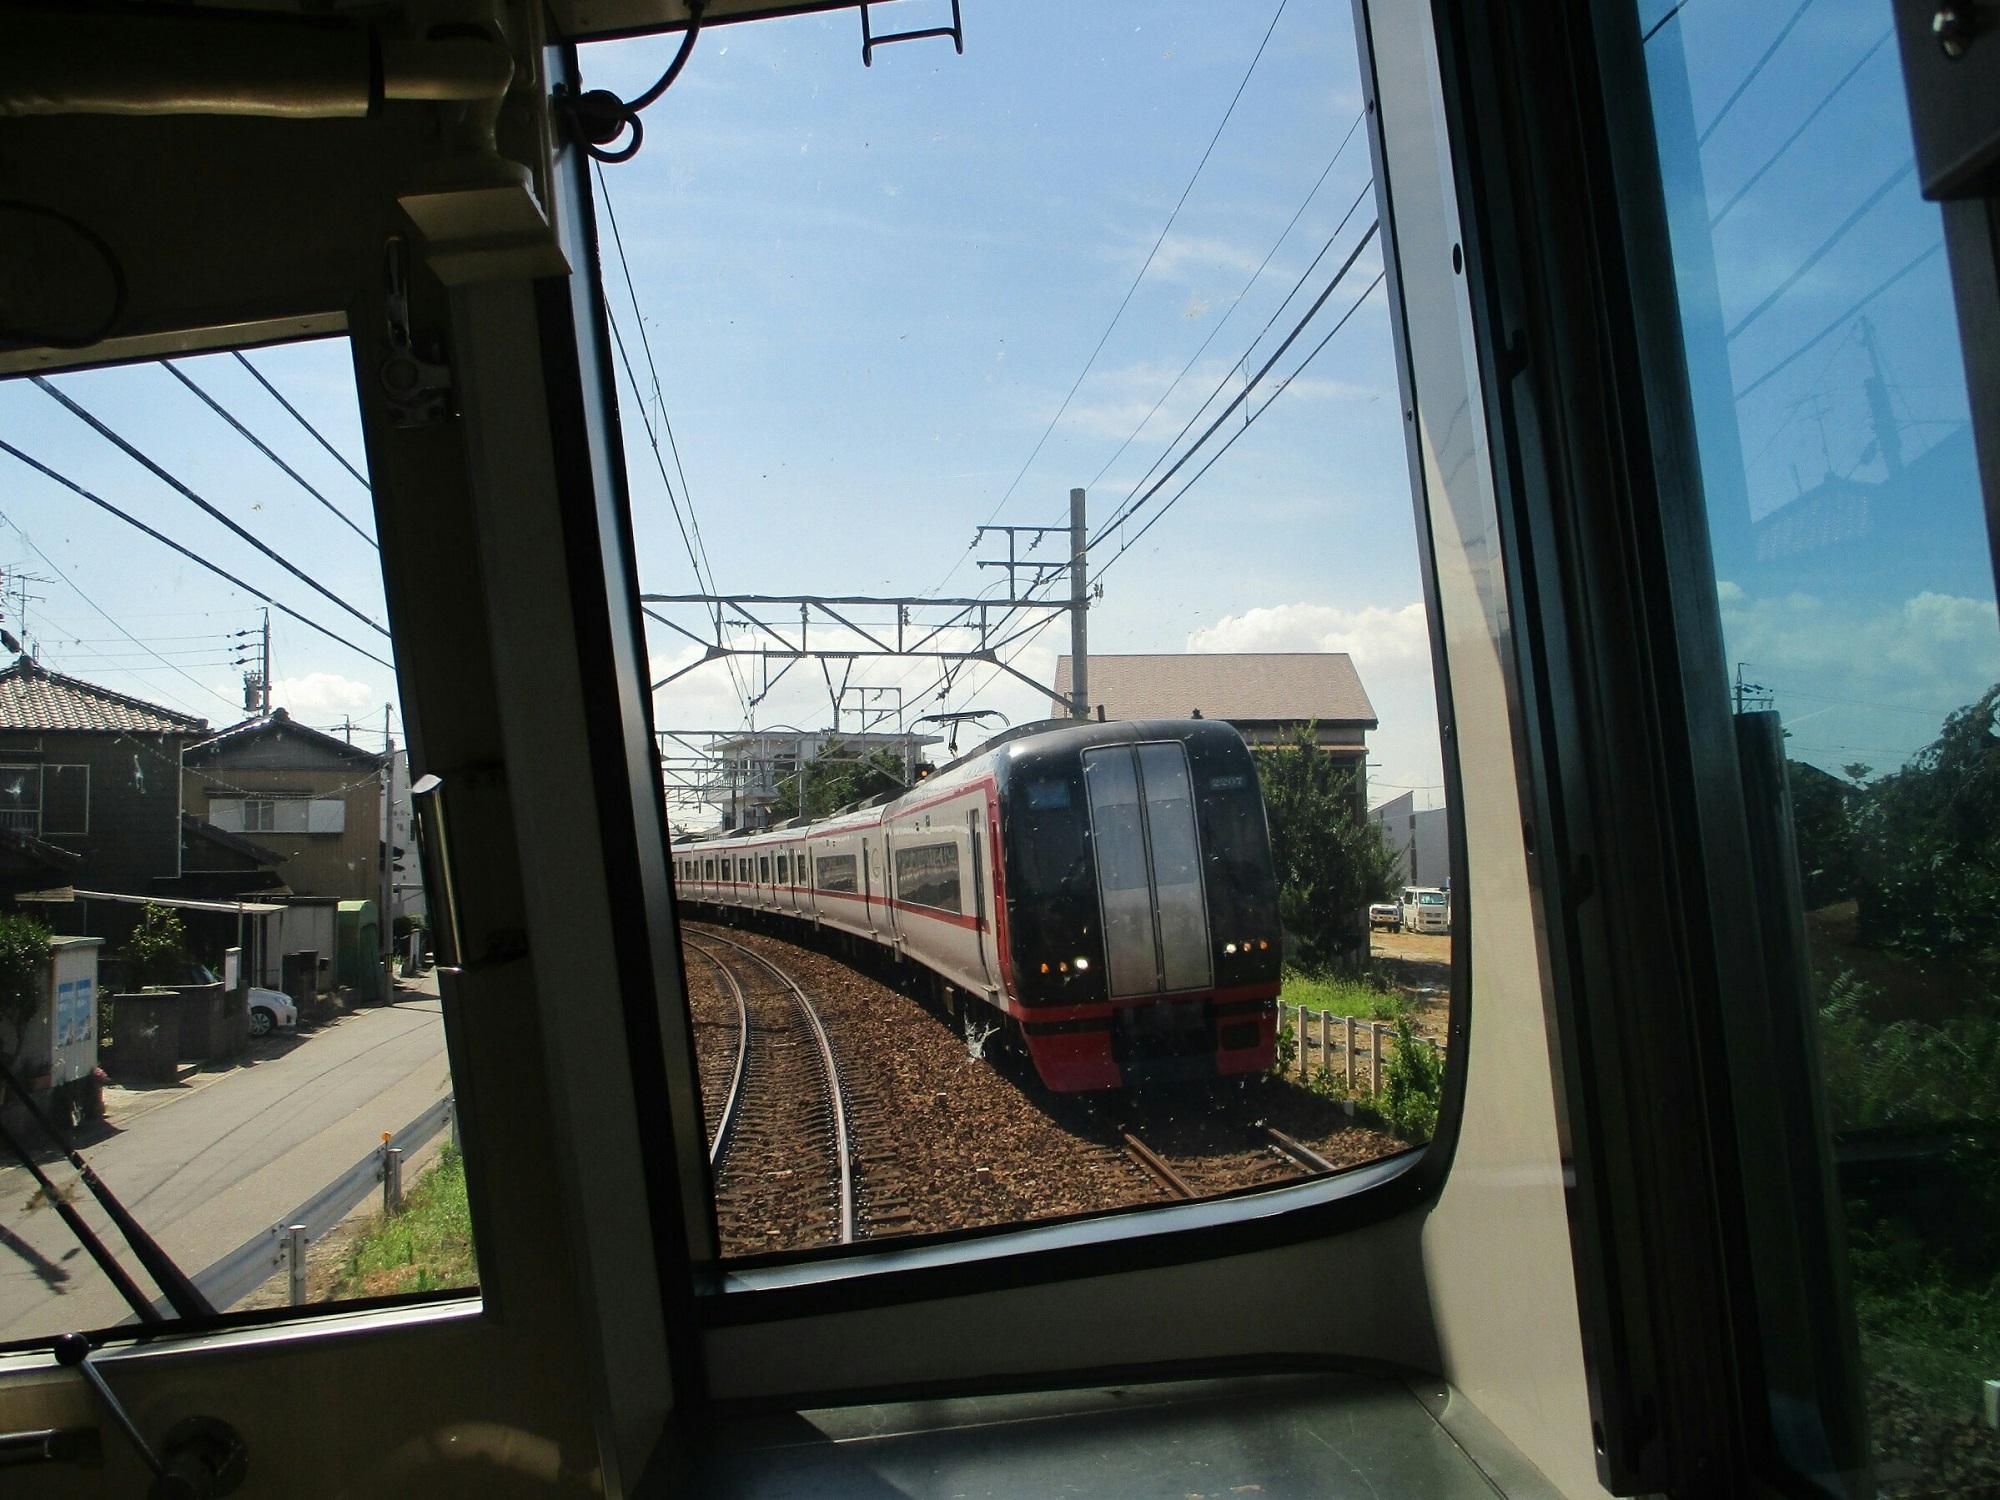 2018.7.21 (5) 一宮いき急行 - 牛田-知立間 2000-1500